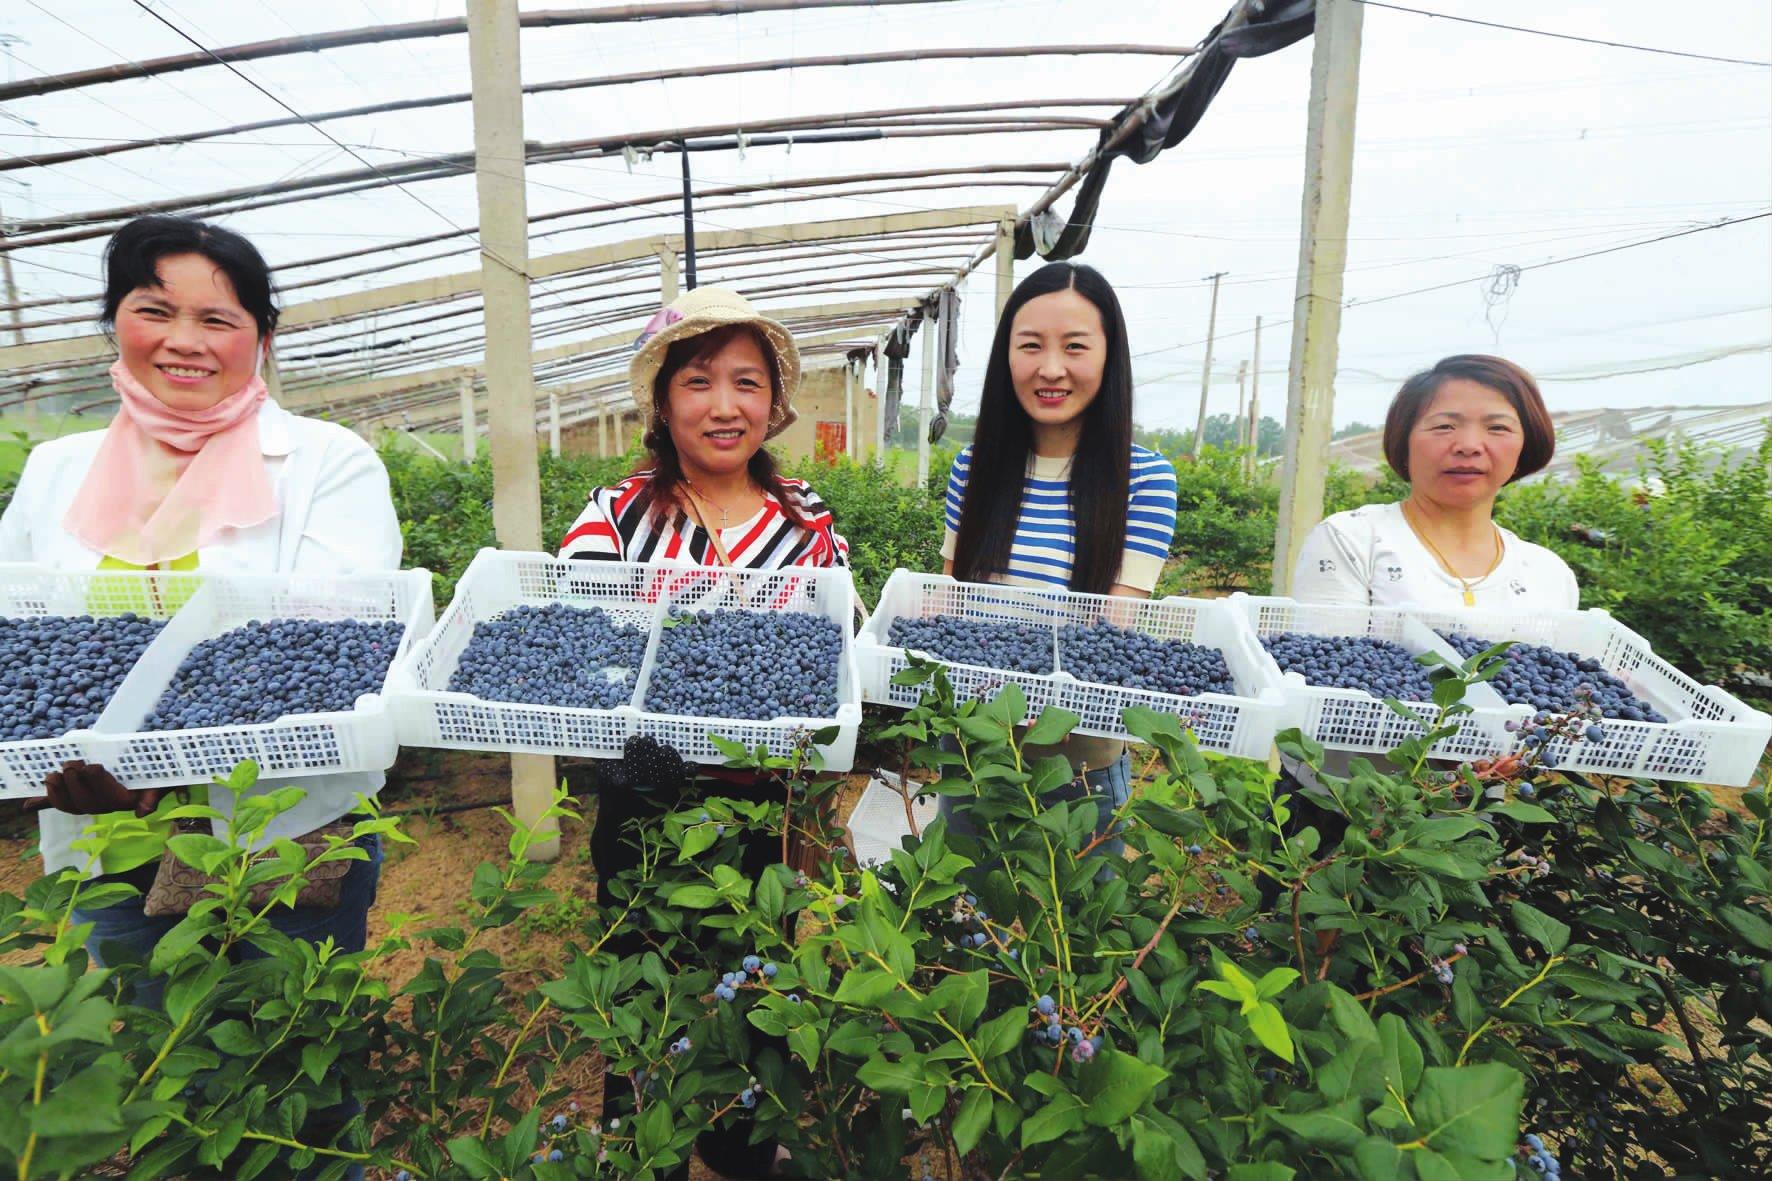 蓝莓种植带民富